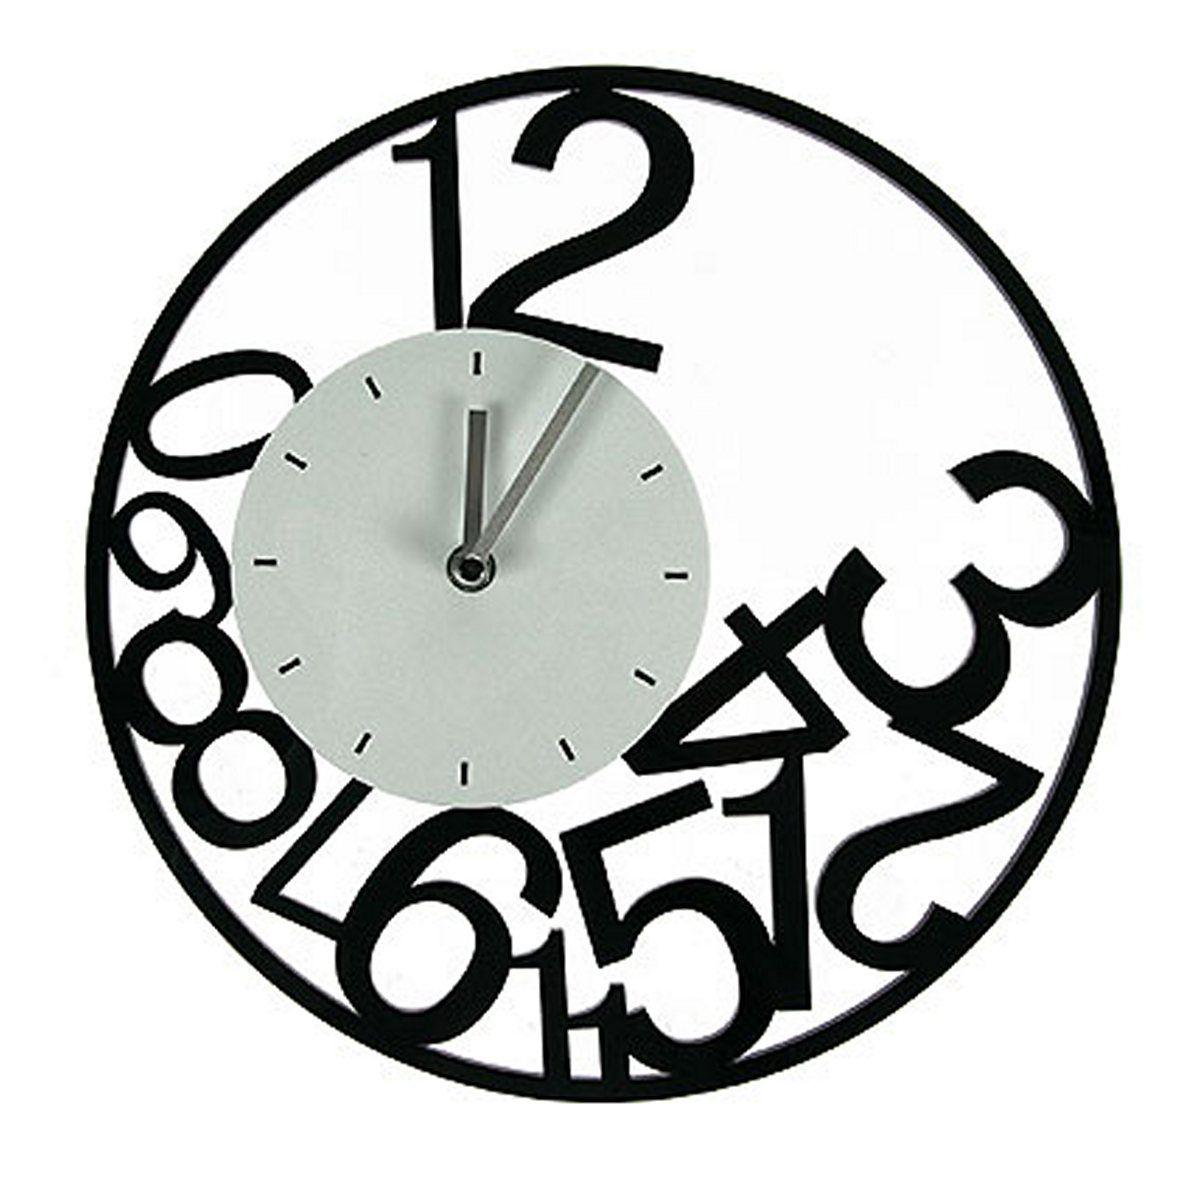 Часы настенные Русские Подарки, диаметр 30 см. 122420122420Настенные кварцевые часы Русские Подарки изготовлены из полиамида. Корпус оформлен изображением цифр, расположенных в хаотичном порядке. Часы имеют две стрелки - часовую и минутную. С обратной стороны имеется петелька для подвешивания на стену. Изящные часы красиво и оригинально оформят интерьер дома или офиса. Также часы могут стать уникальным, полезным подарком для родственников, коллег, знакомых и близких. Часы работают от батареек типа АА (в комплект не входят).